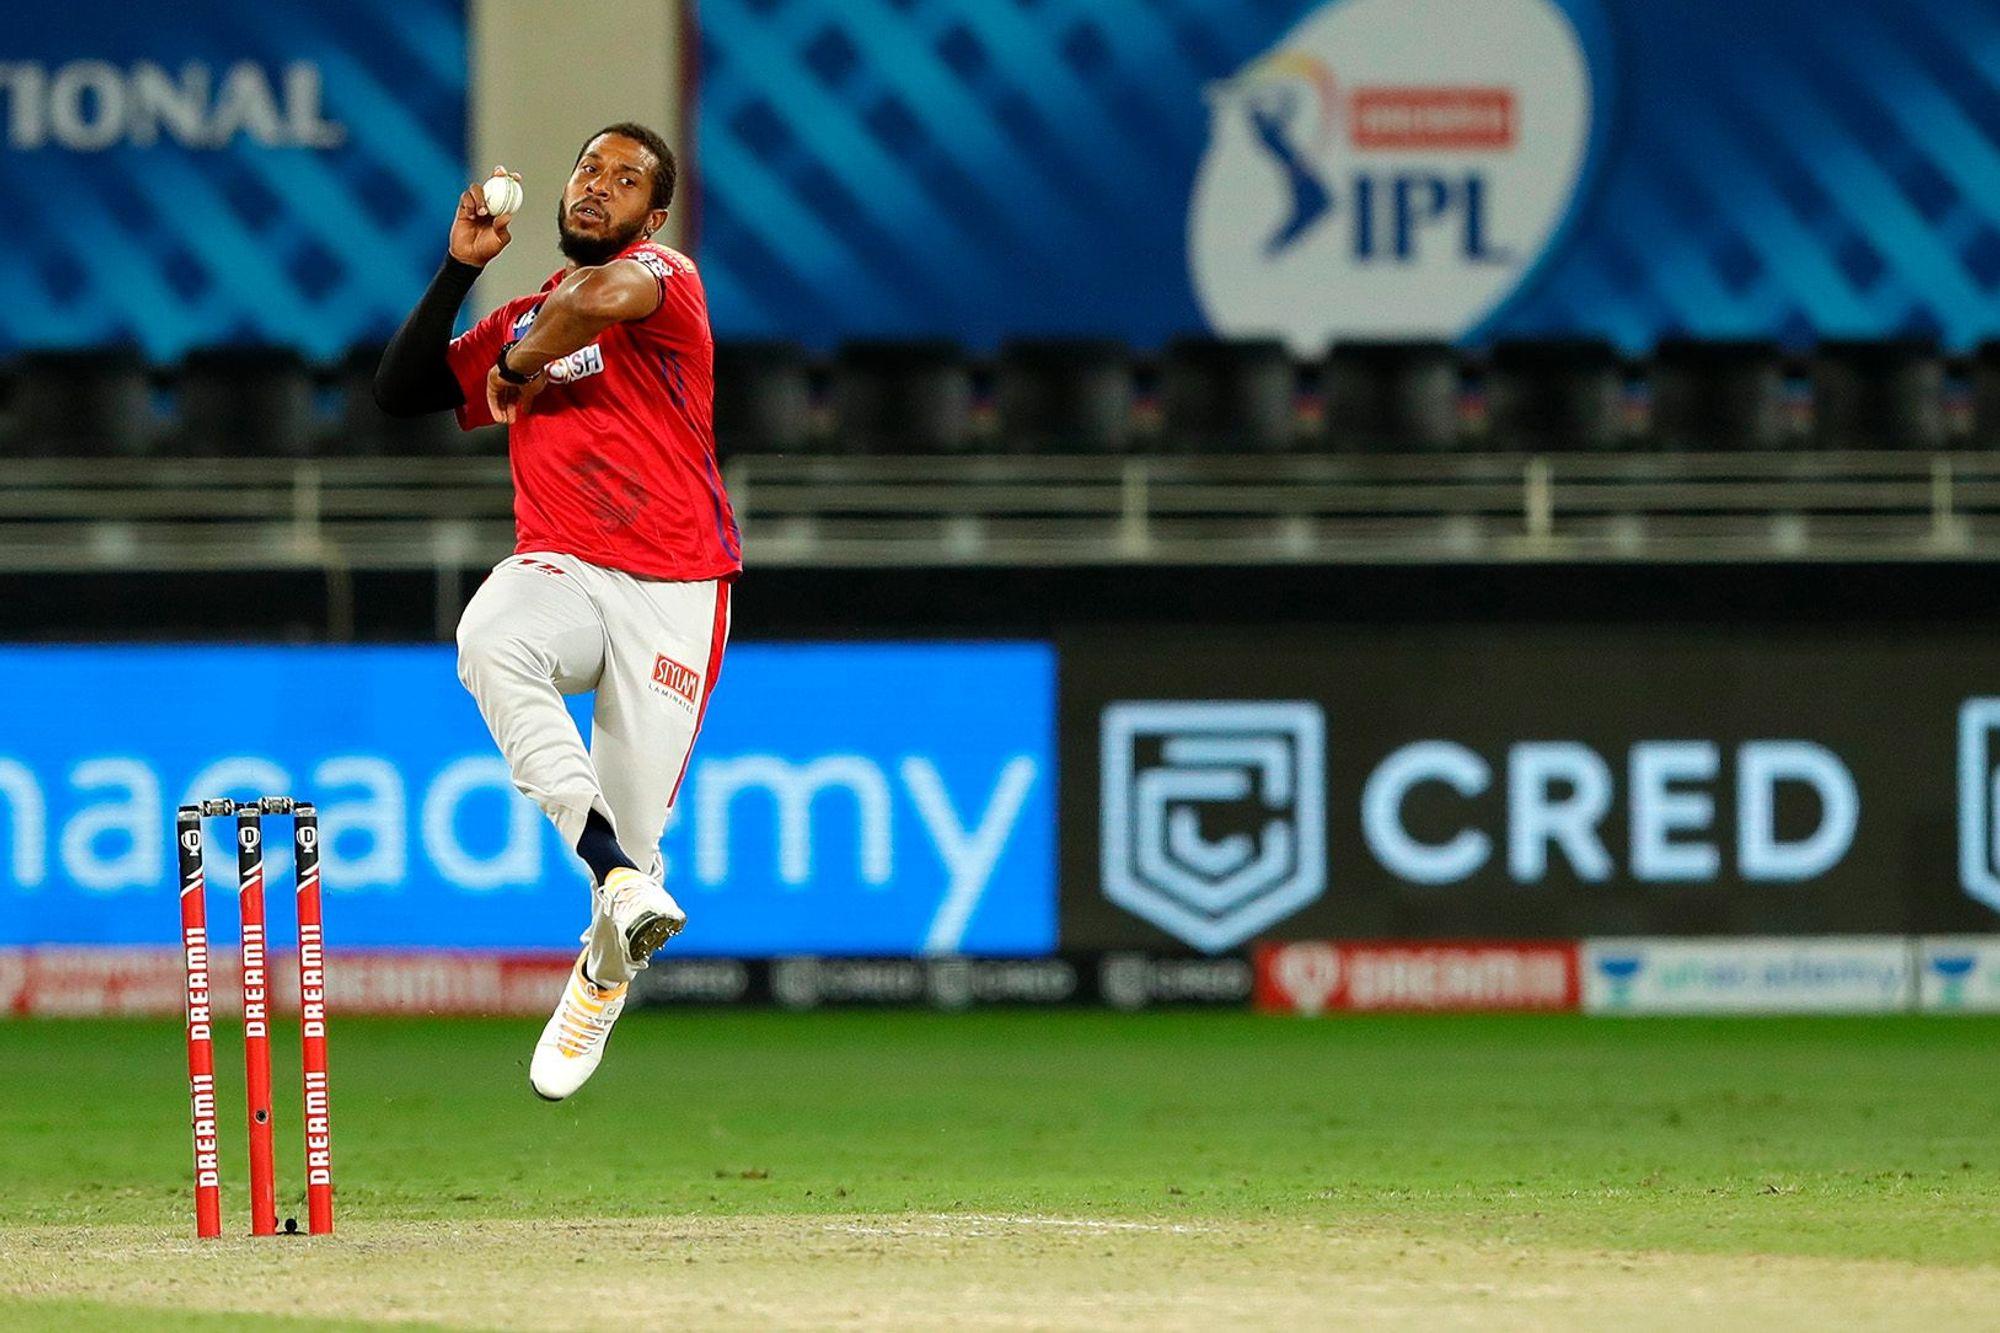 KXIPvsSRH: मैन ऑफ द मैच खिताब जीतने के बाद क्रिस जॉर्डन ने इसे दिया शानदार गेंदबाजी का श्रेय 1